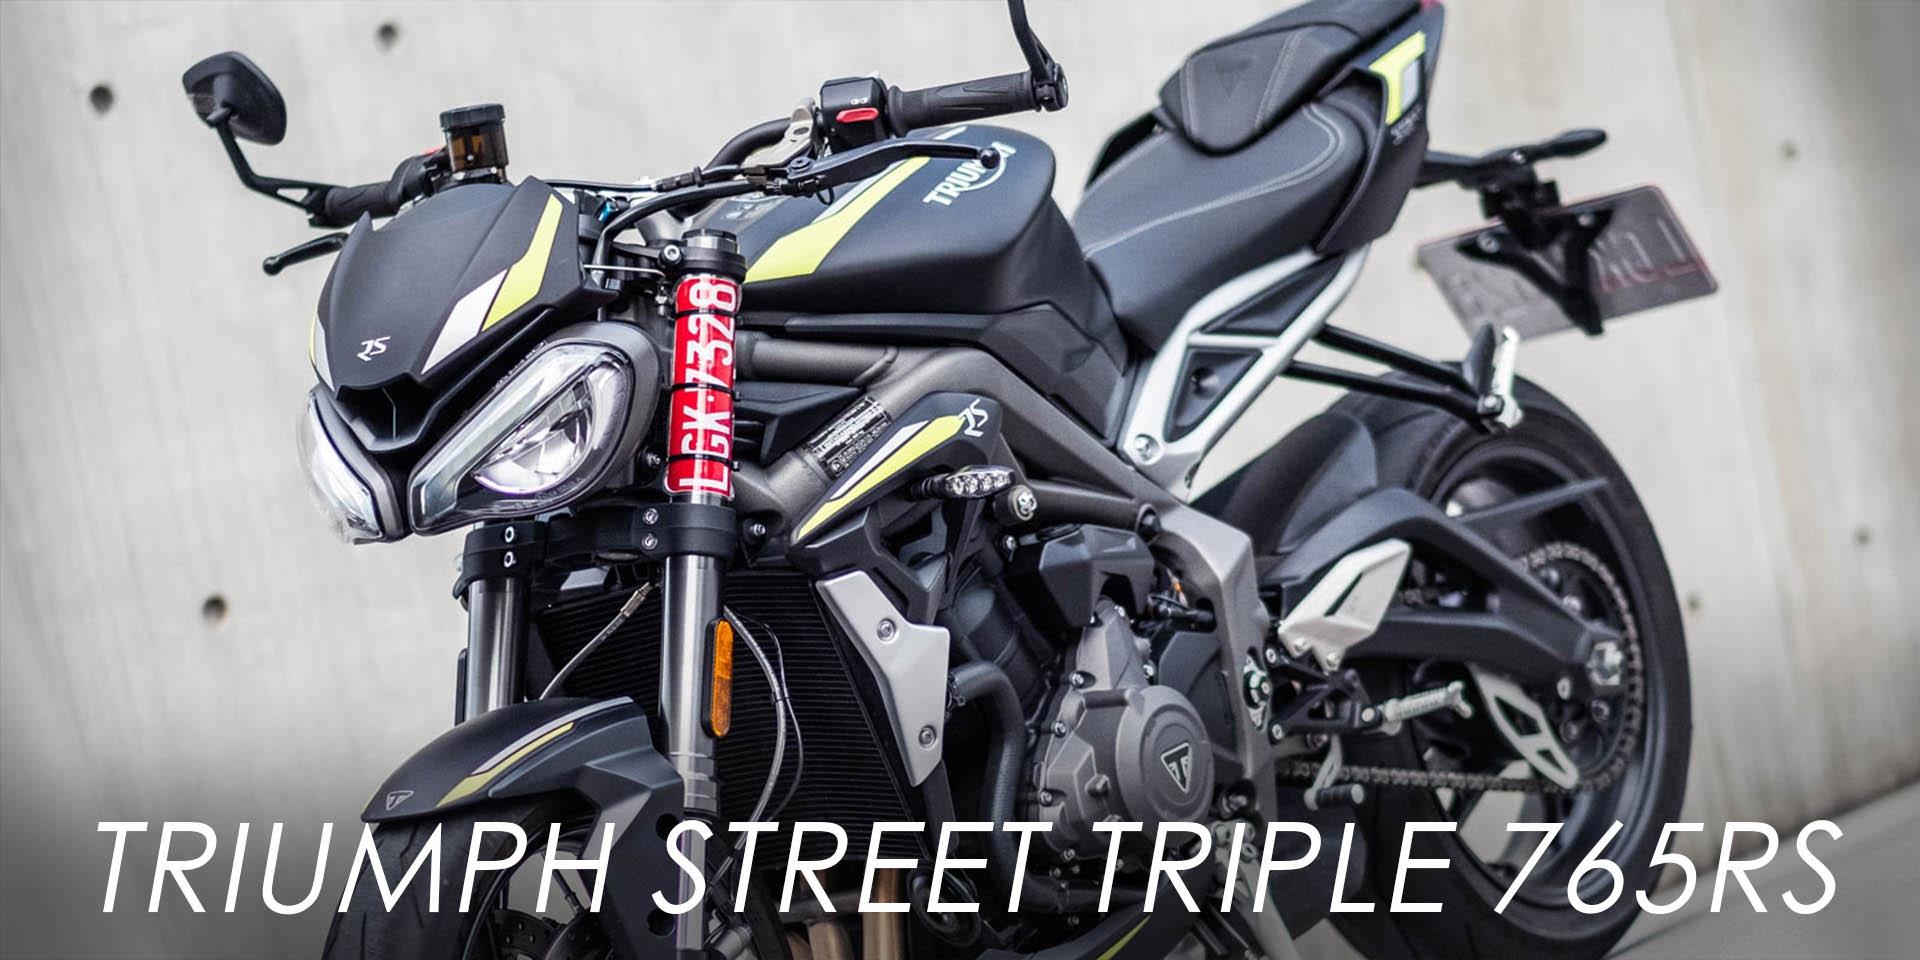 細膩卻熱血 隨時戰鬥!TRIUMPHStreet Triple 765 RS